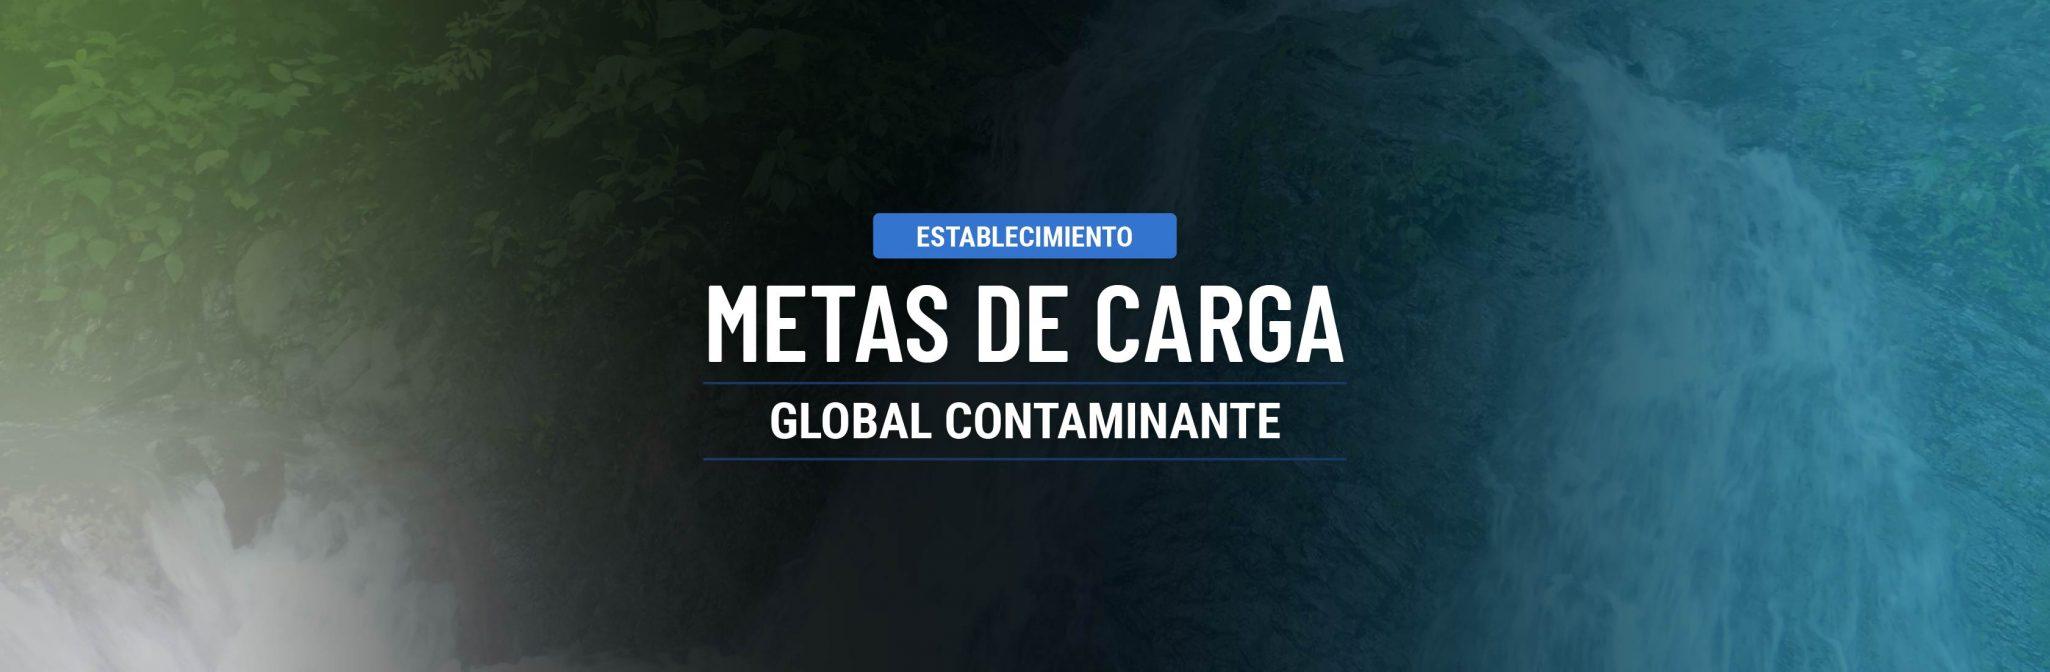 Foto Establecimiento Meta Global Carga Contaminante Segundo Quinquenio Corriente Principal Subcuencas Sutamarchan, Moniquirá y Suárez AD